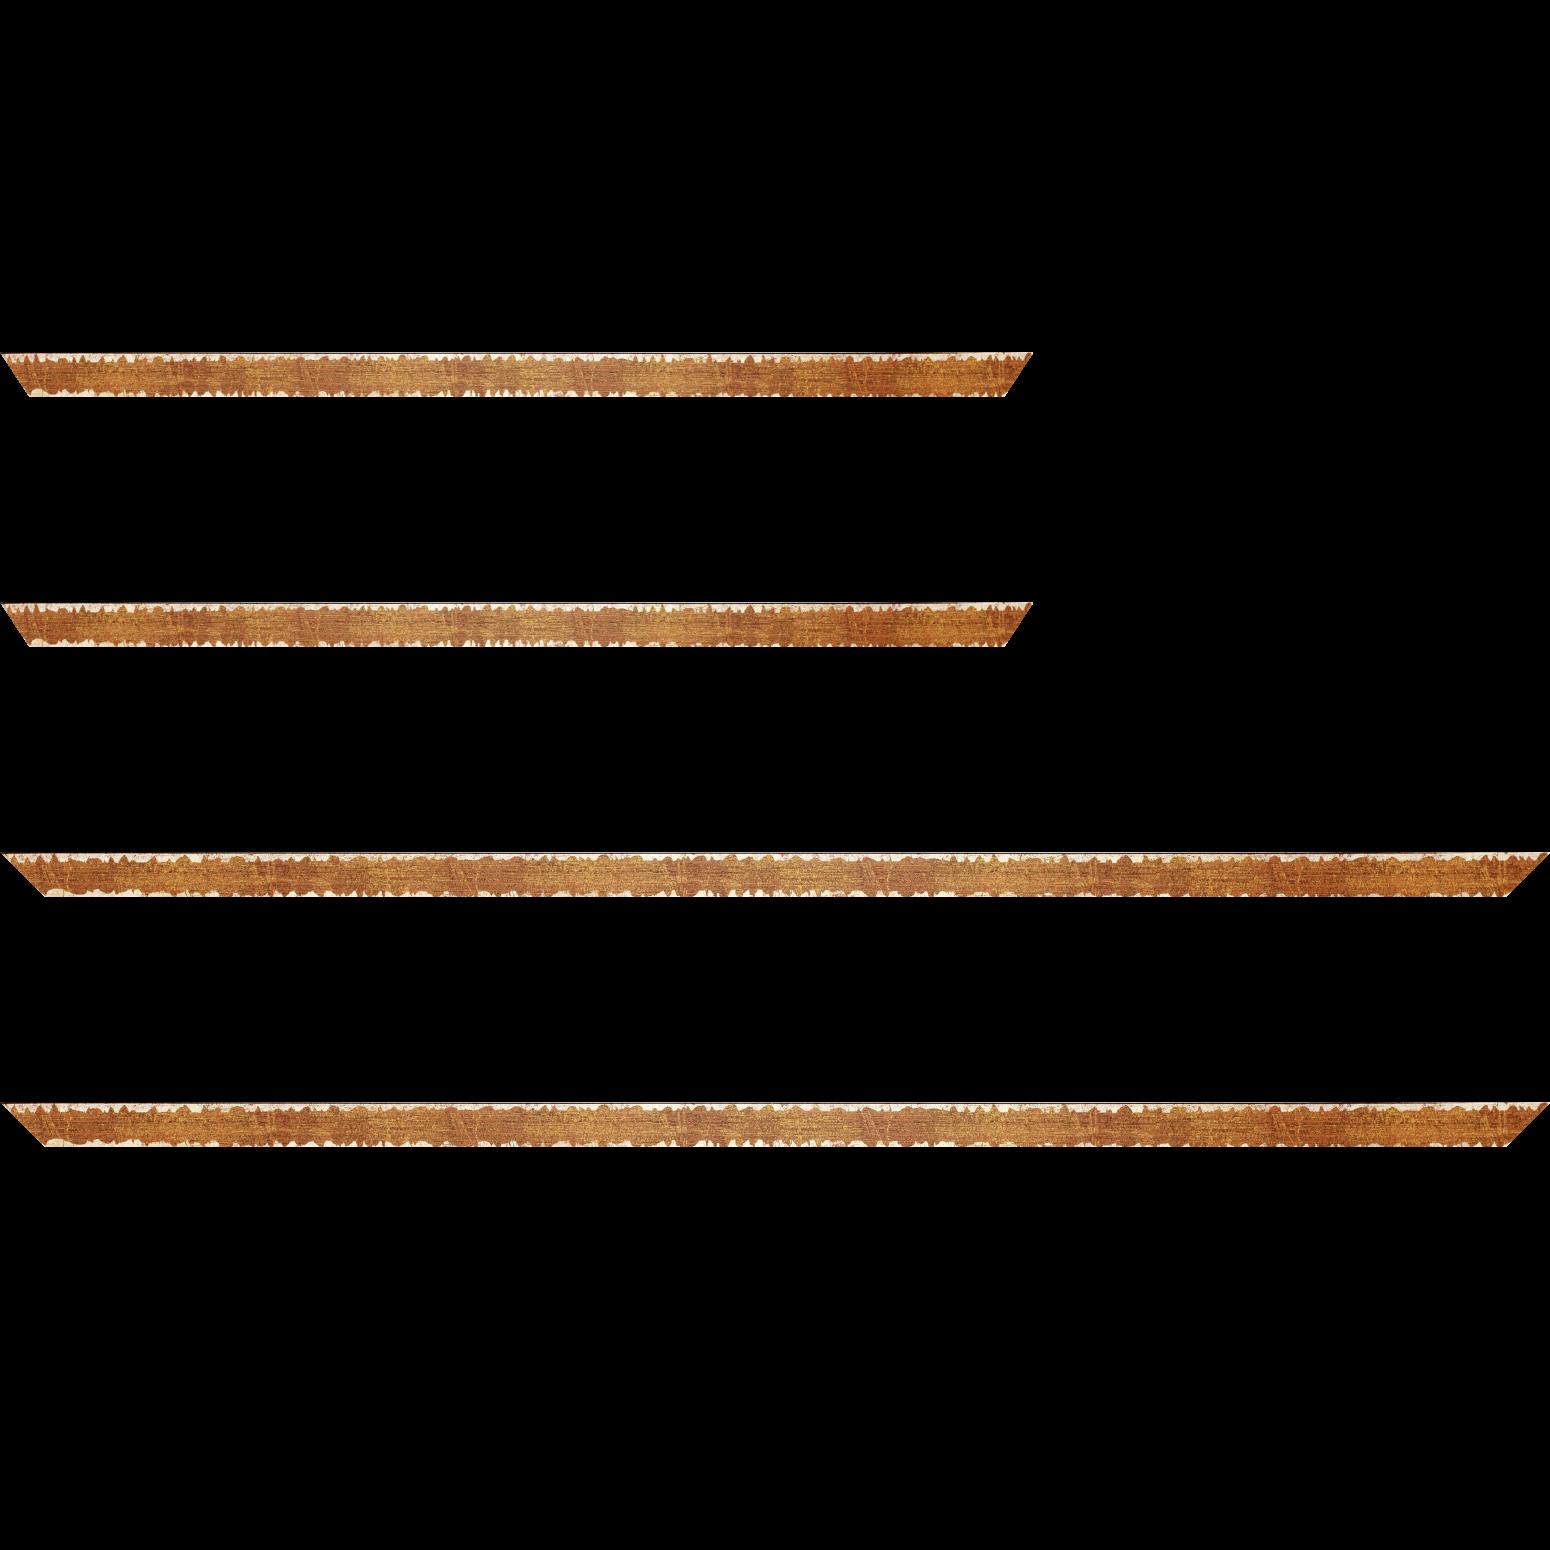 Baguette bois profil plat largeur 1.5cm couleur ocre fond or ,bord or déstructuré ( extérieur du cadre ton bois marron)